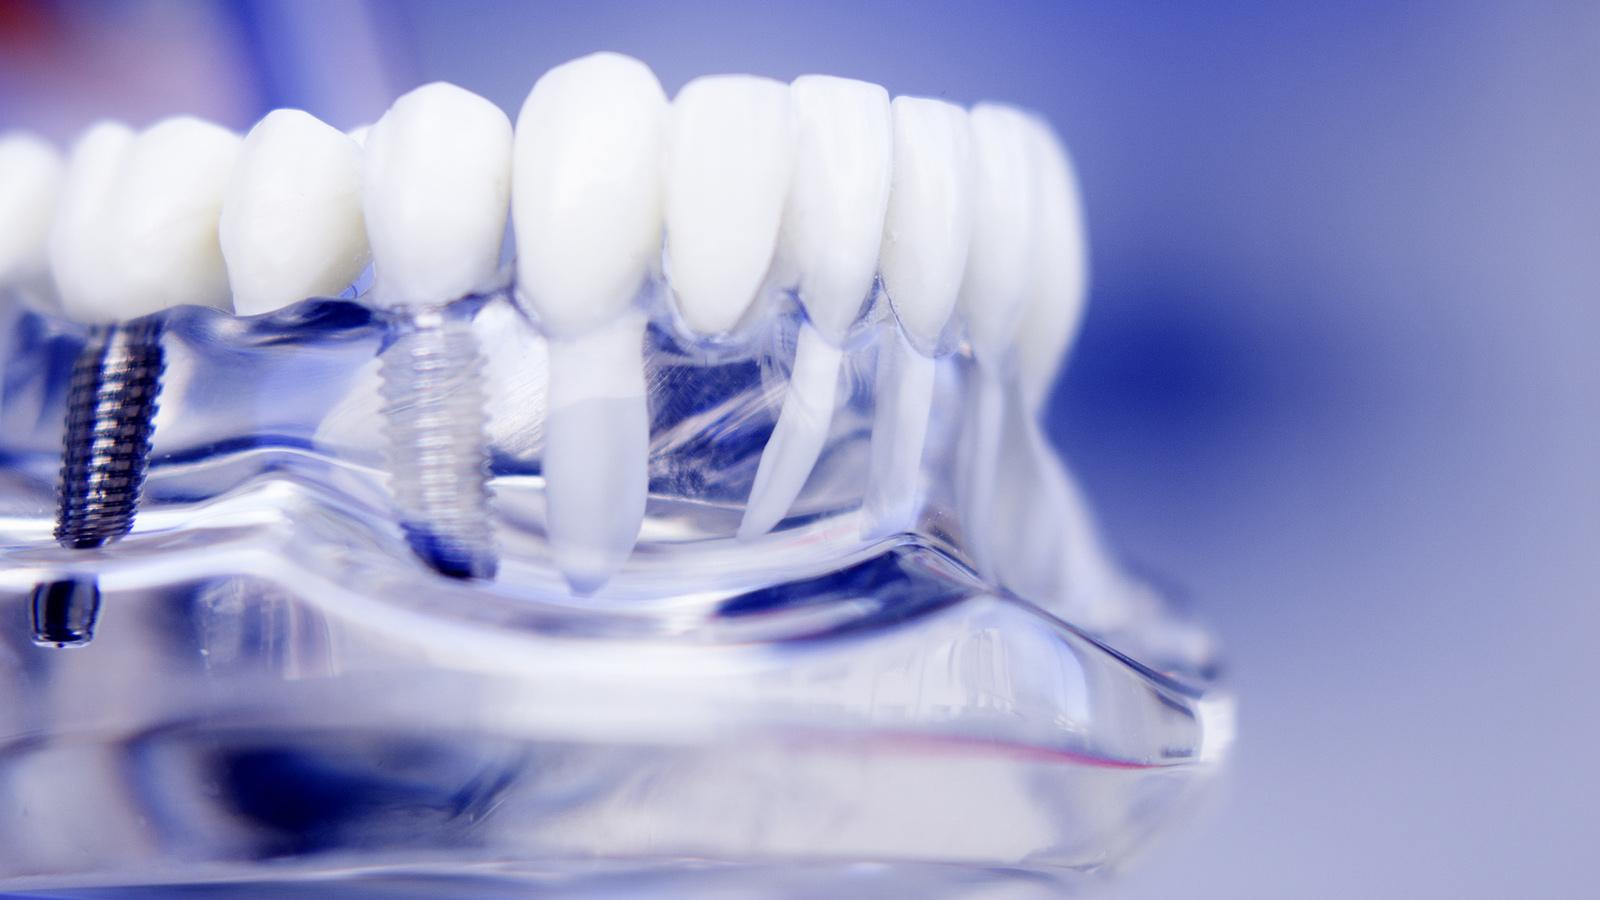 Dental Implant Dentist Dental Implant Surgery Gregg M Festa Ddsgregg M Festa Dds